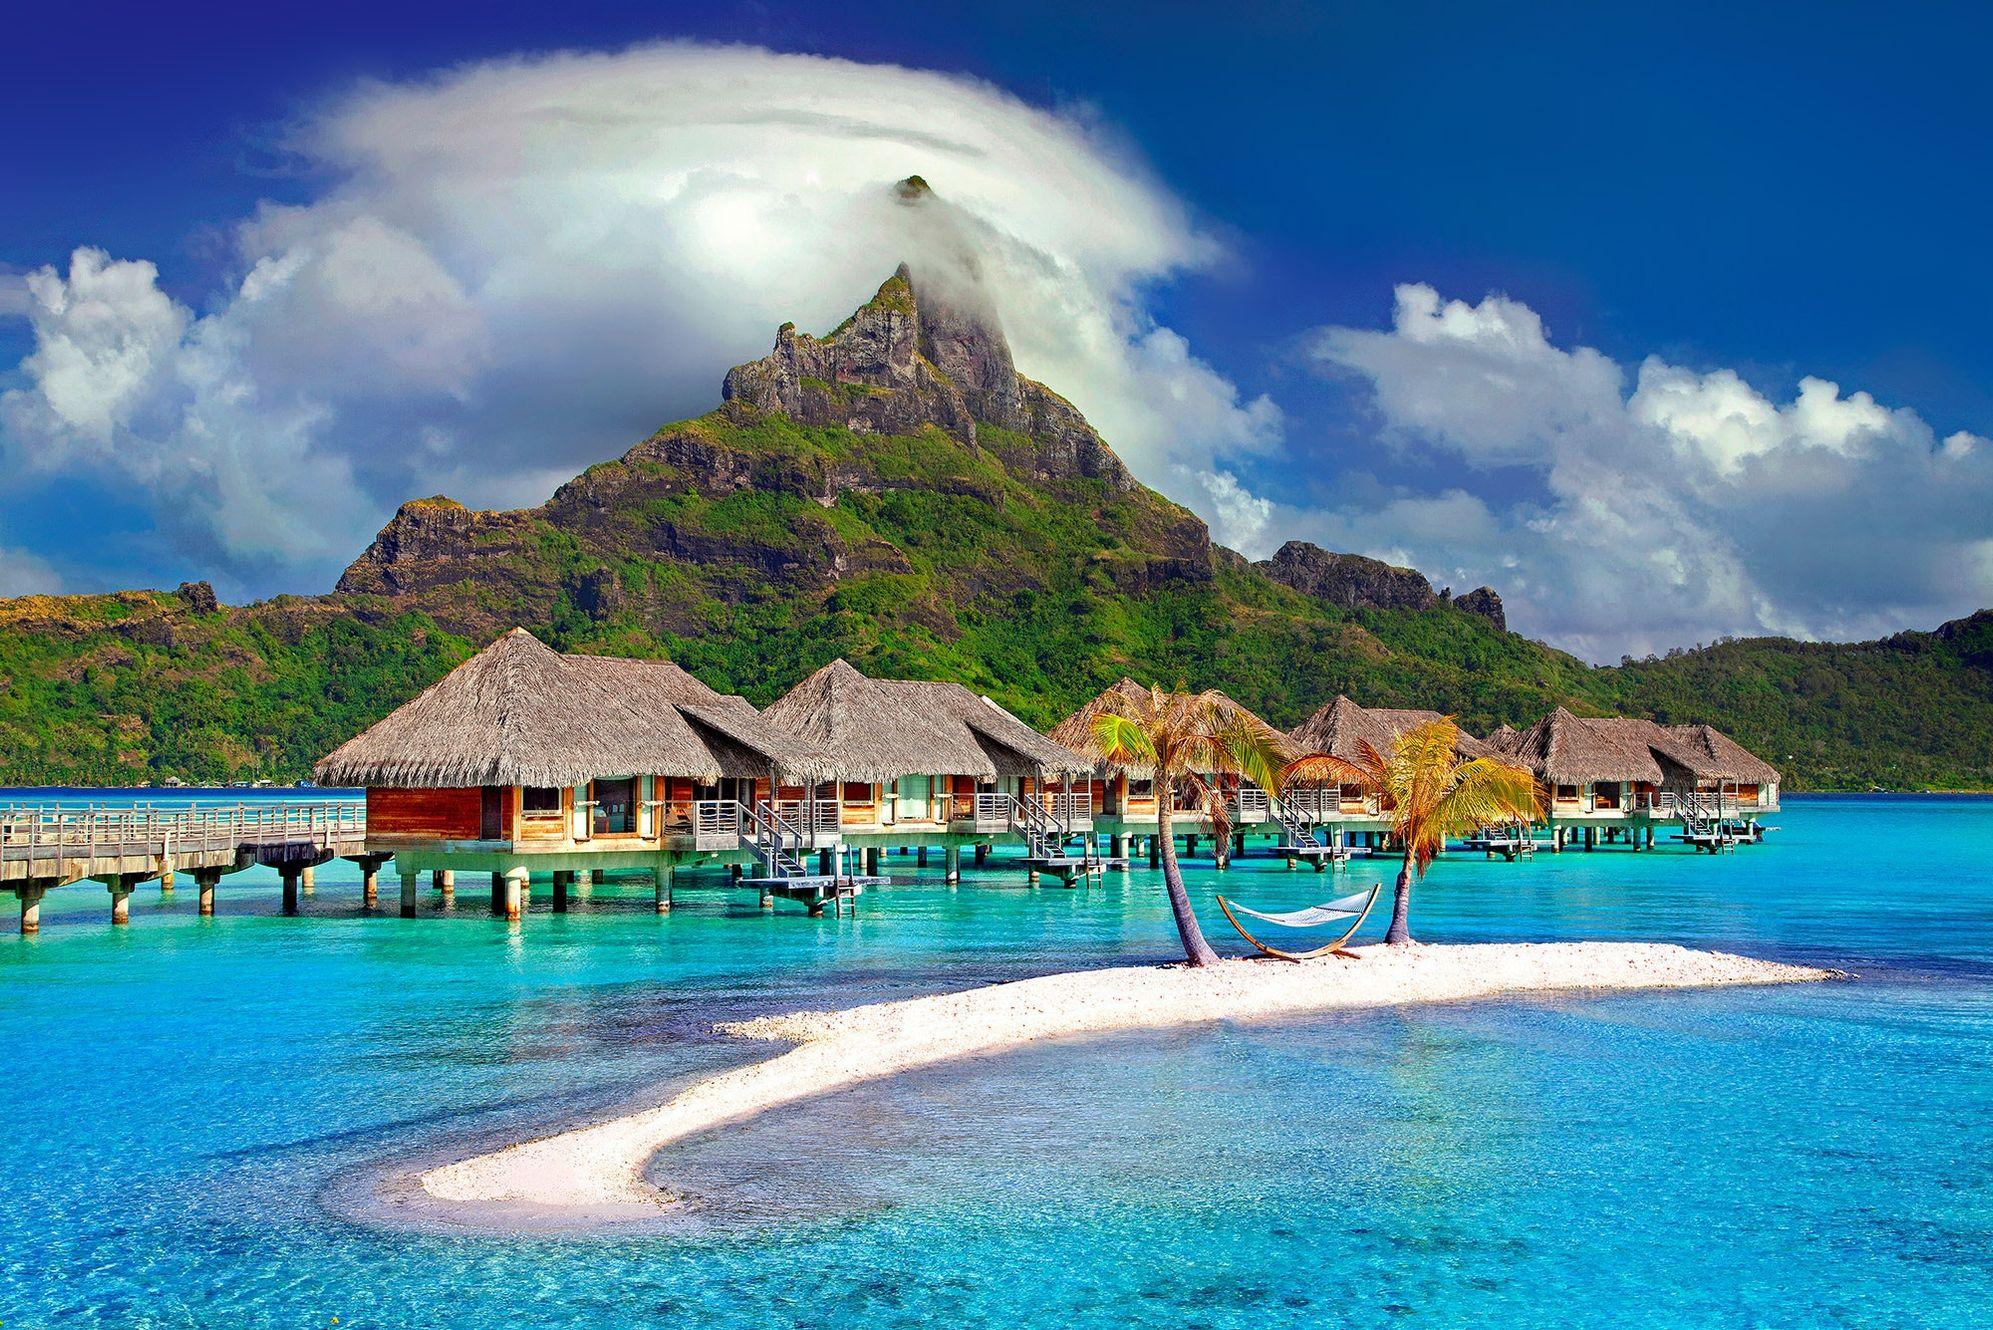 Isole Tropicali Bora Bora